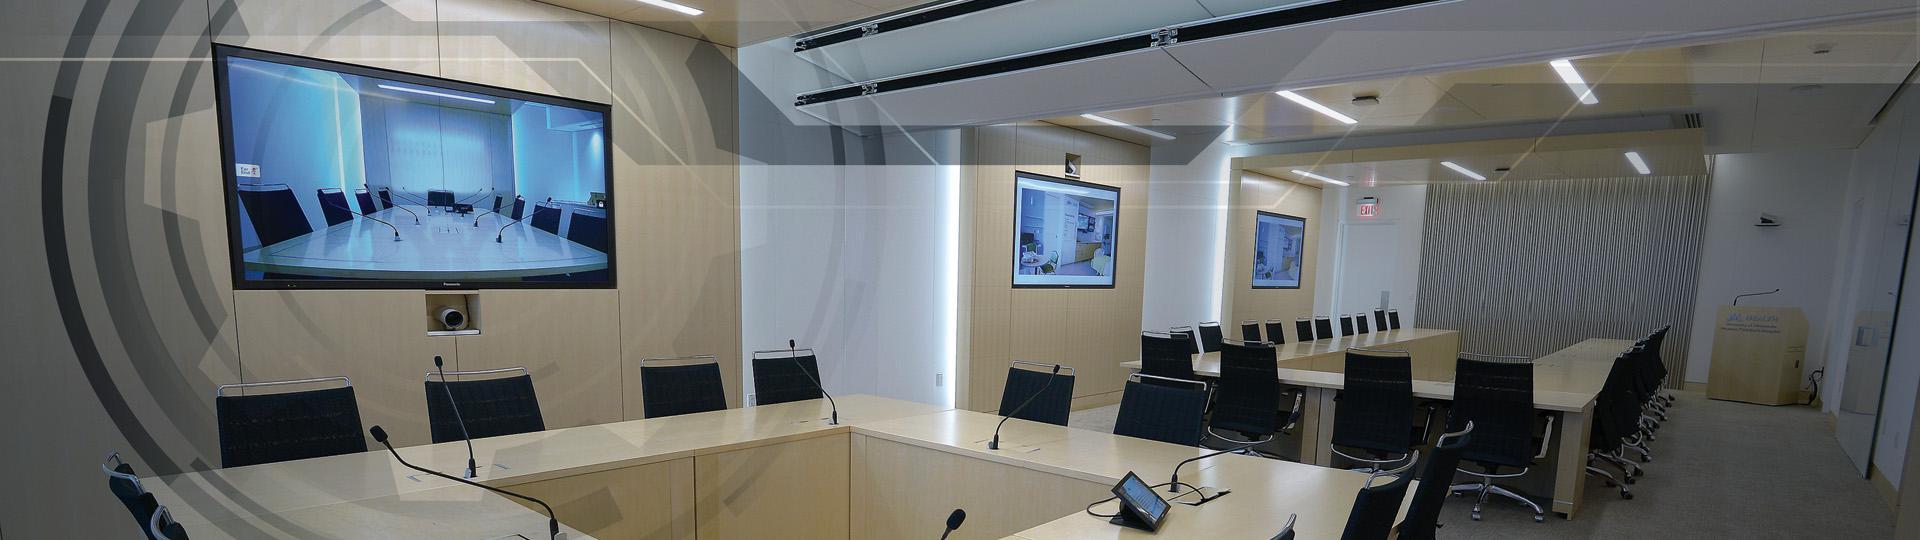 Innovative & cost effective AV solutions for business